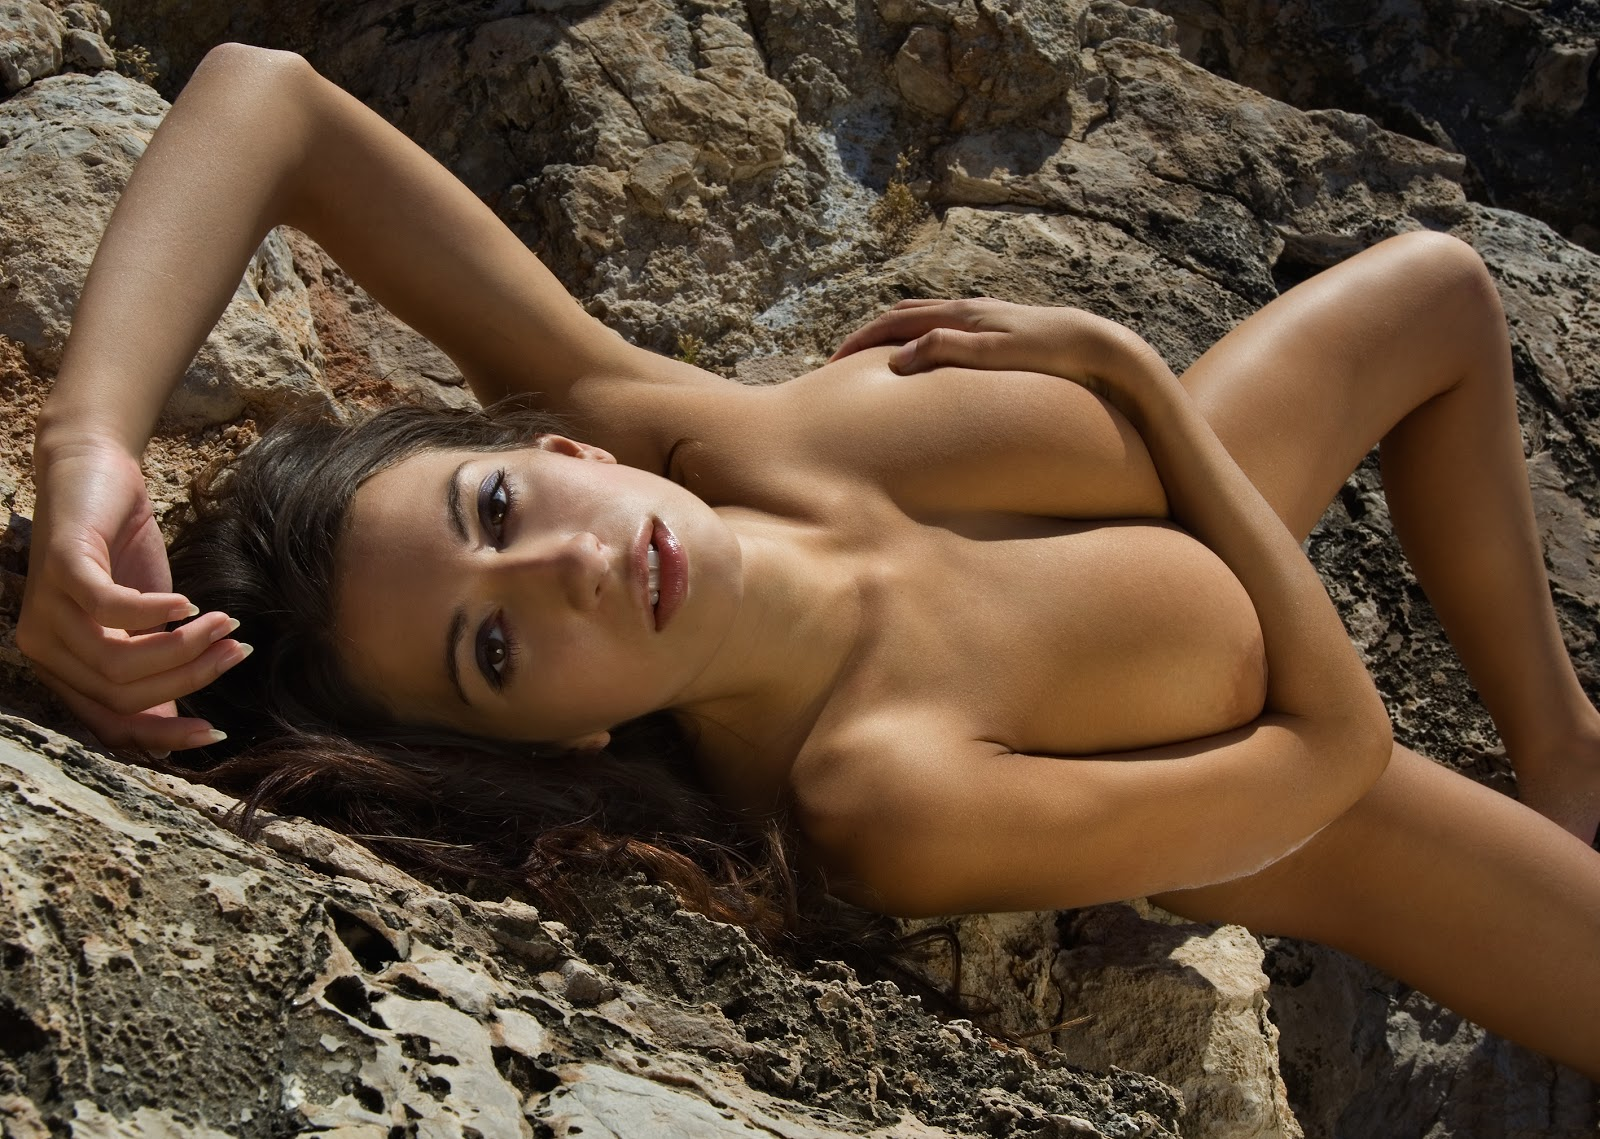 Big tit model